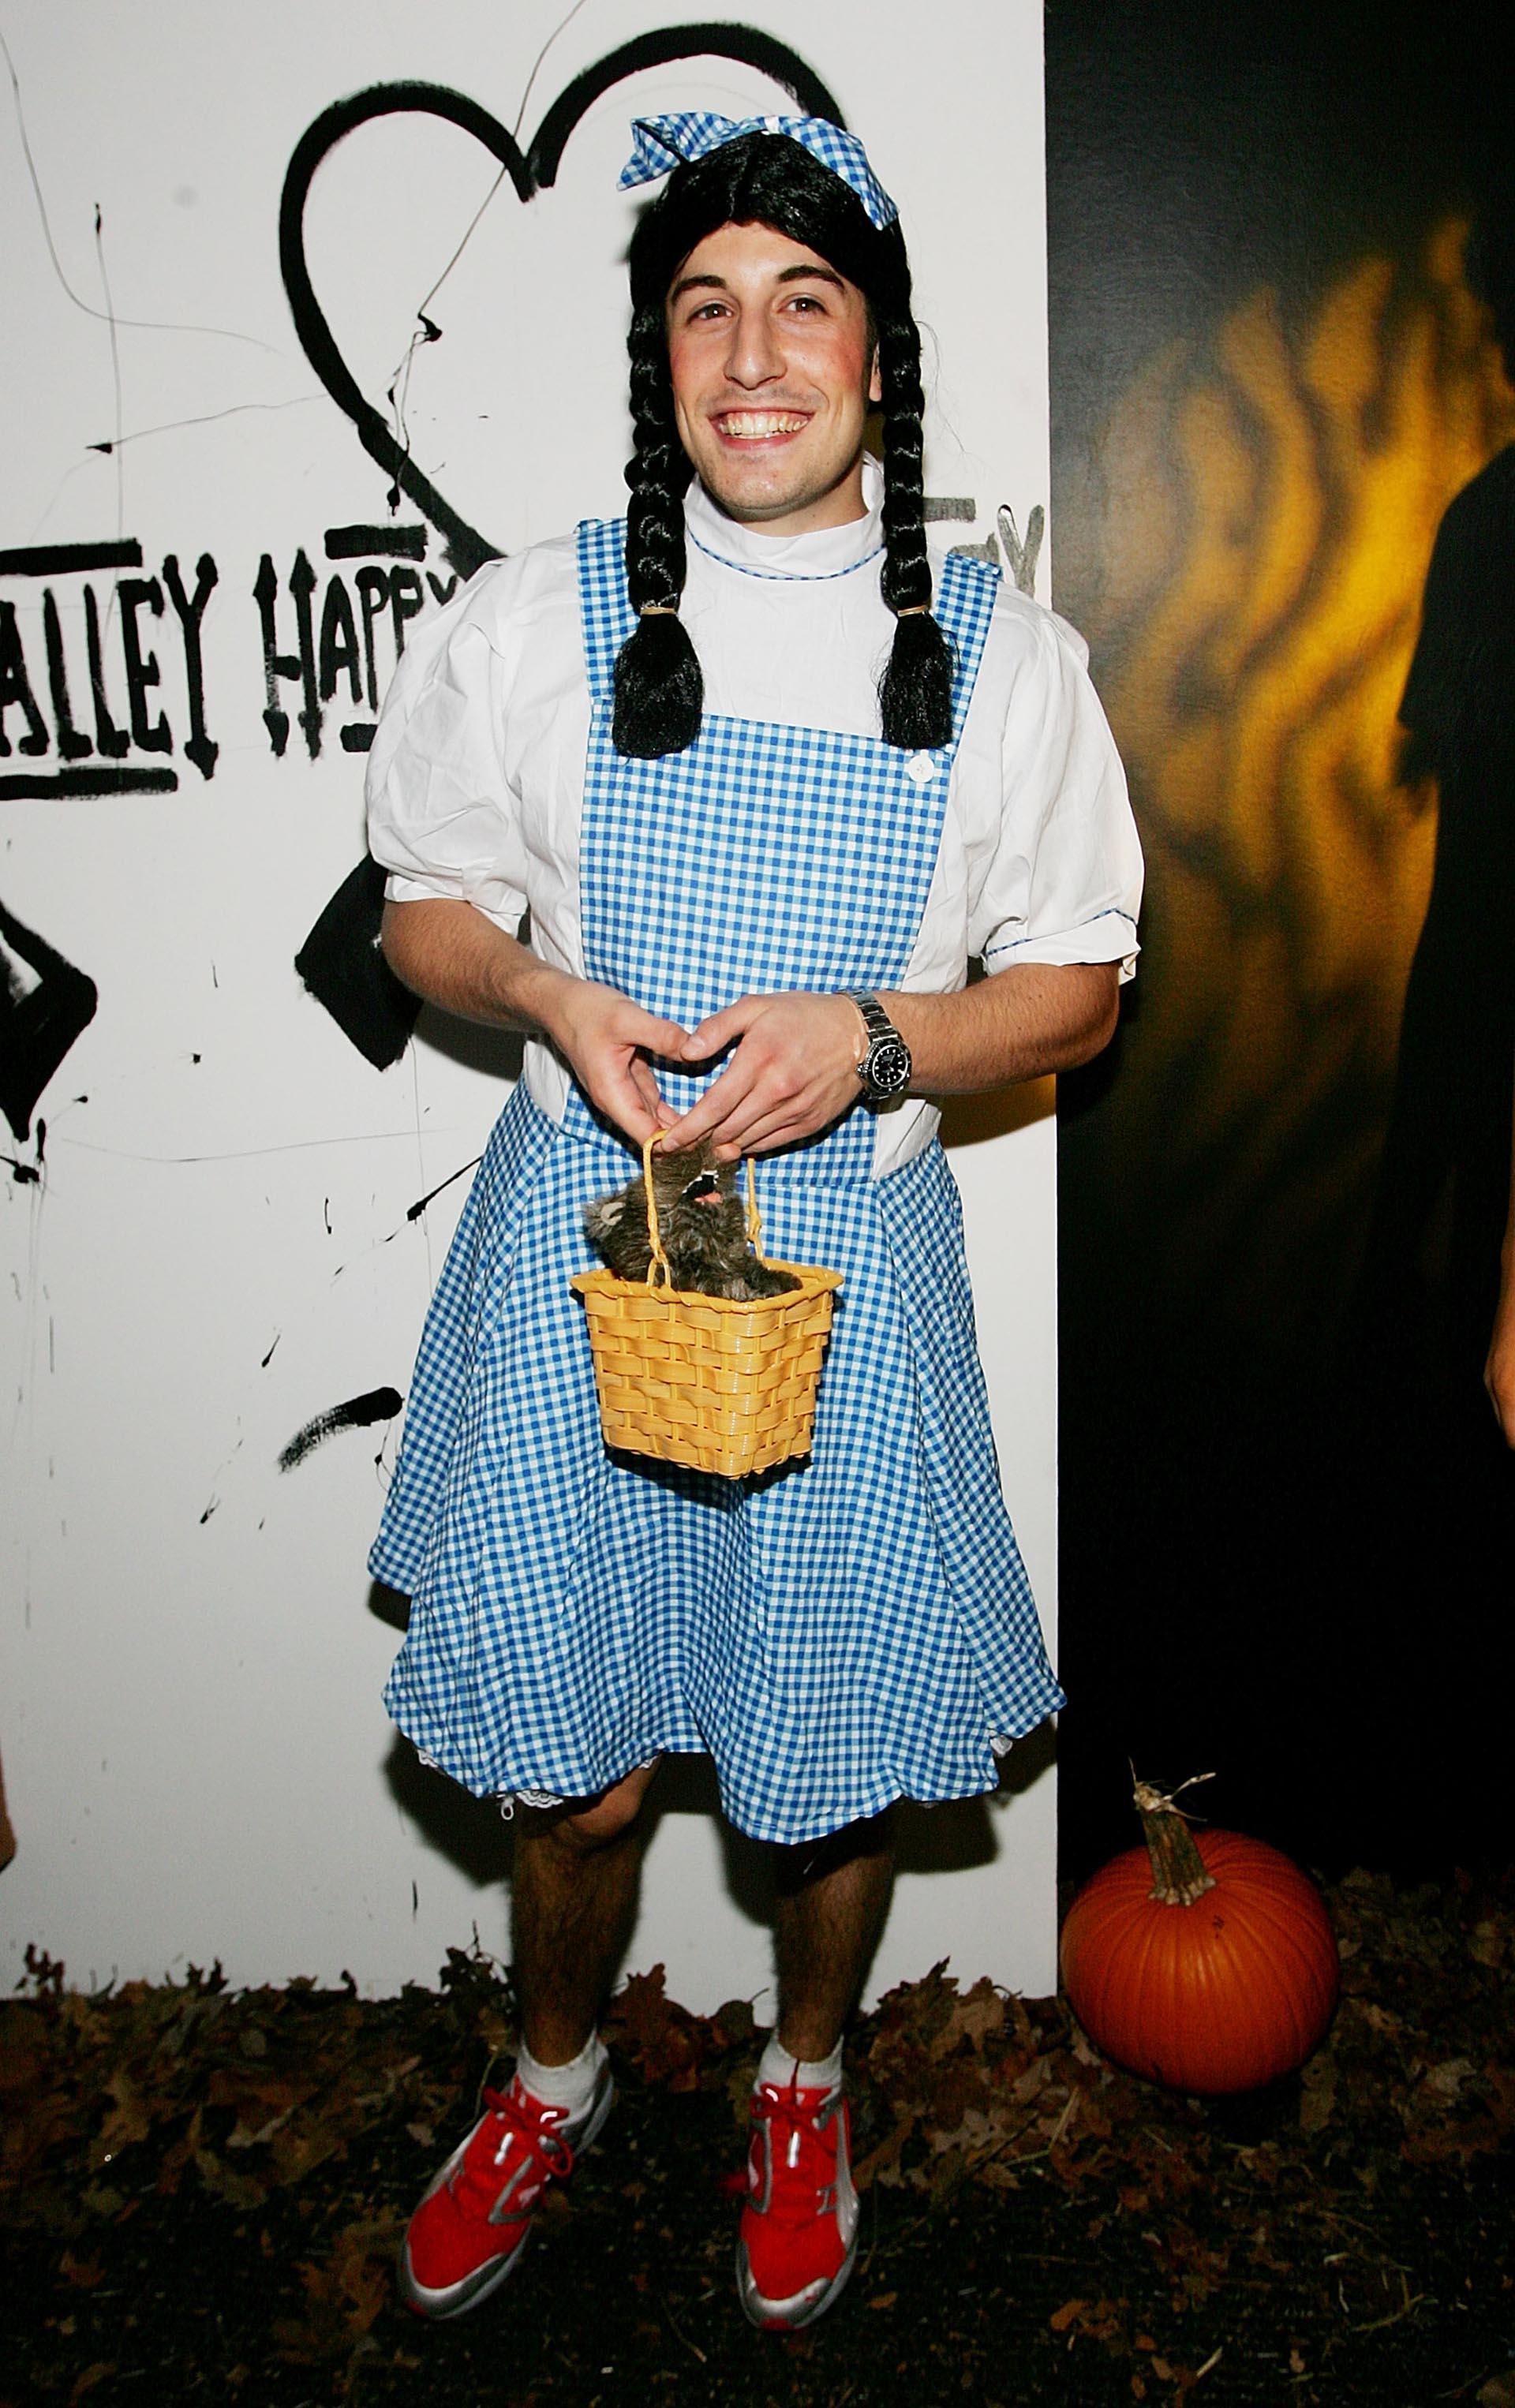 El actor Jason Biggs en la fiesta anual deHalloween organizada por Heidi Klum en 2005 se destacó por su atuendo del personaje Heidi